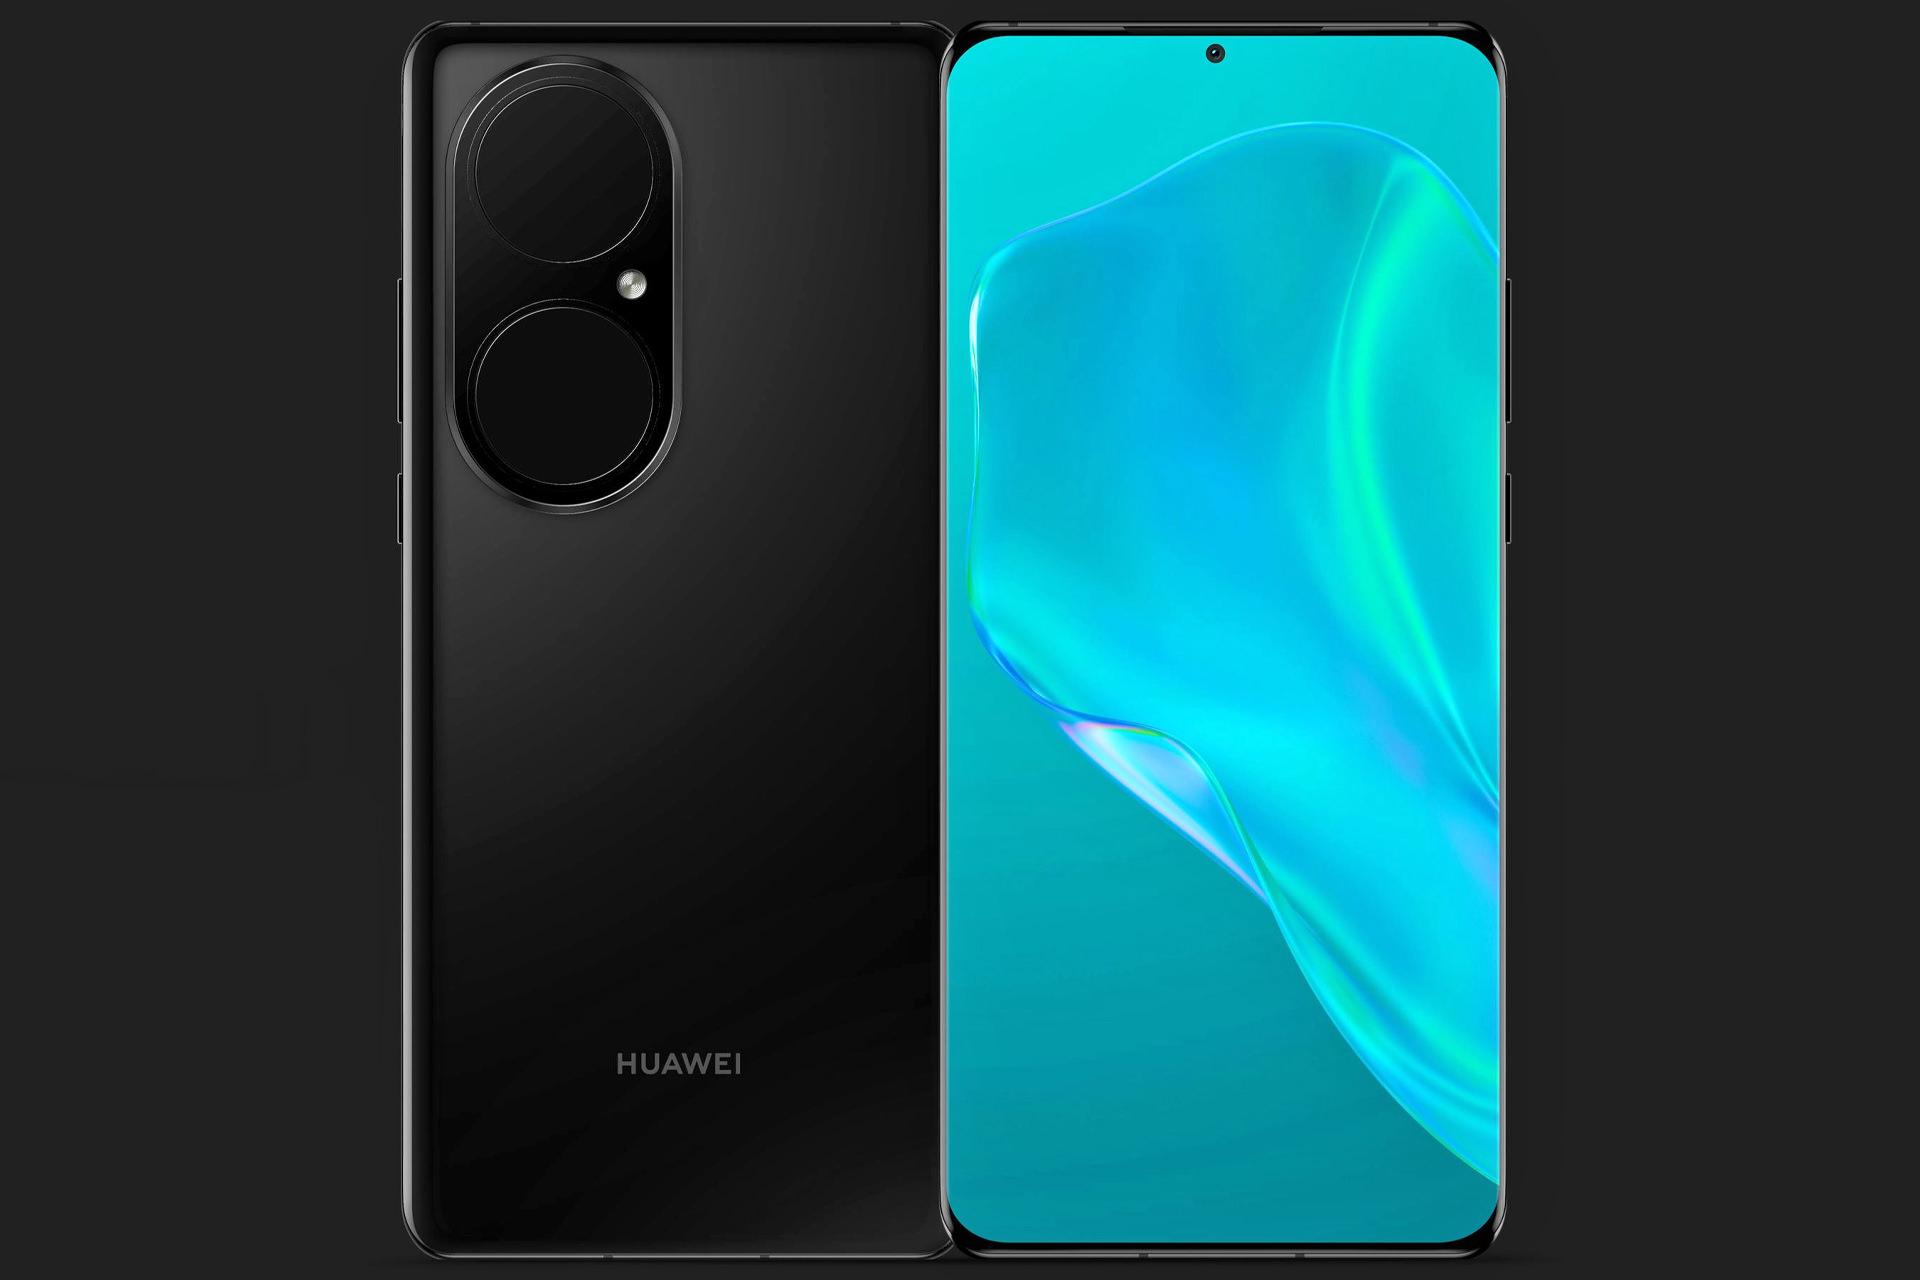 تم الكشف عن عرض شاشة Huawei P50 Pro بملء الشاشة واللوحة الخلفية